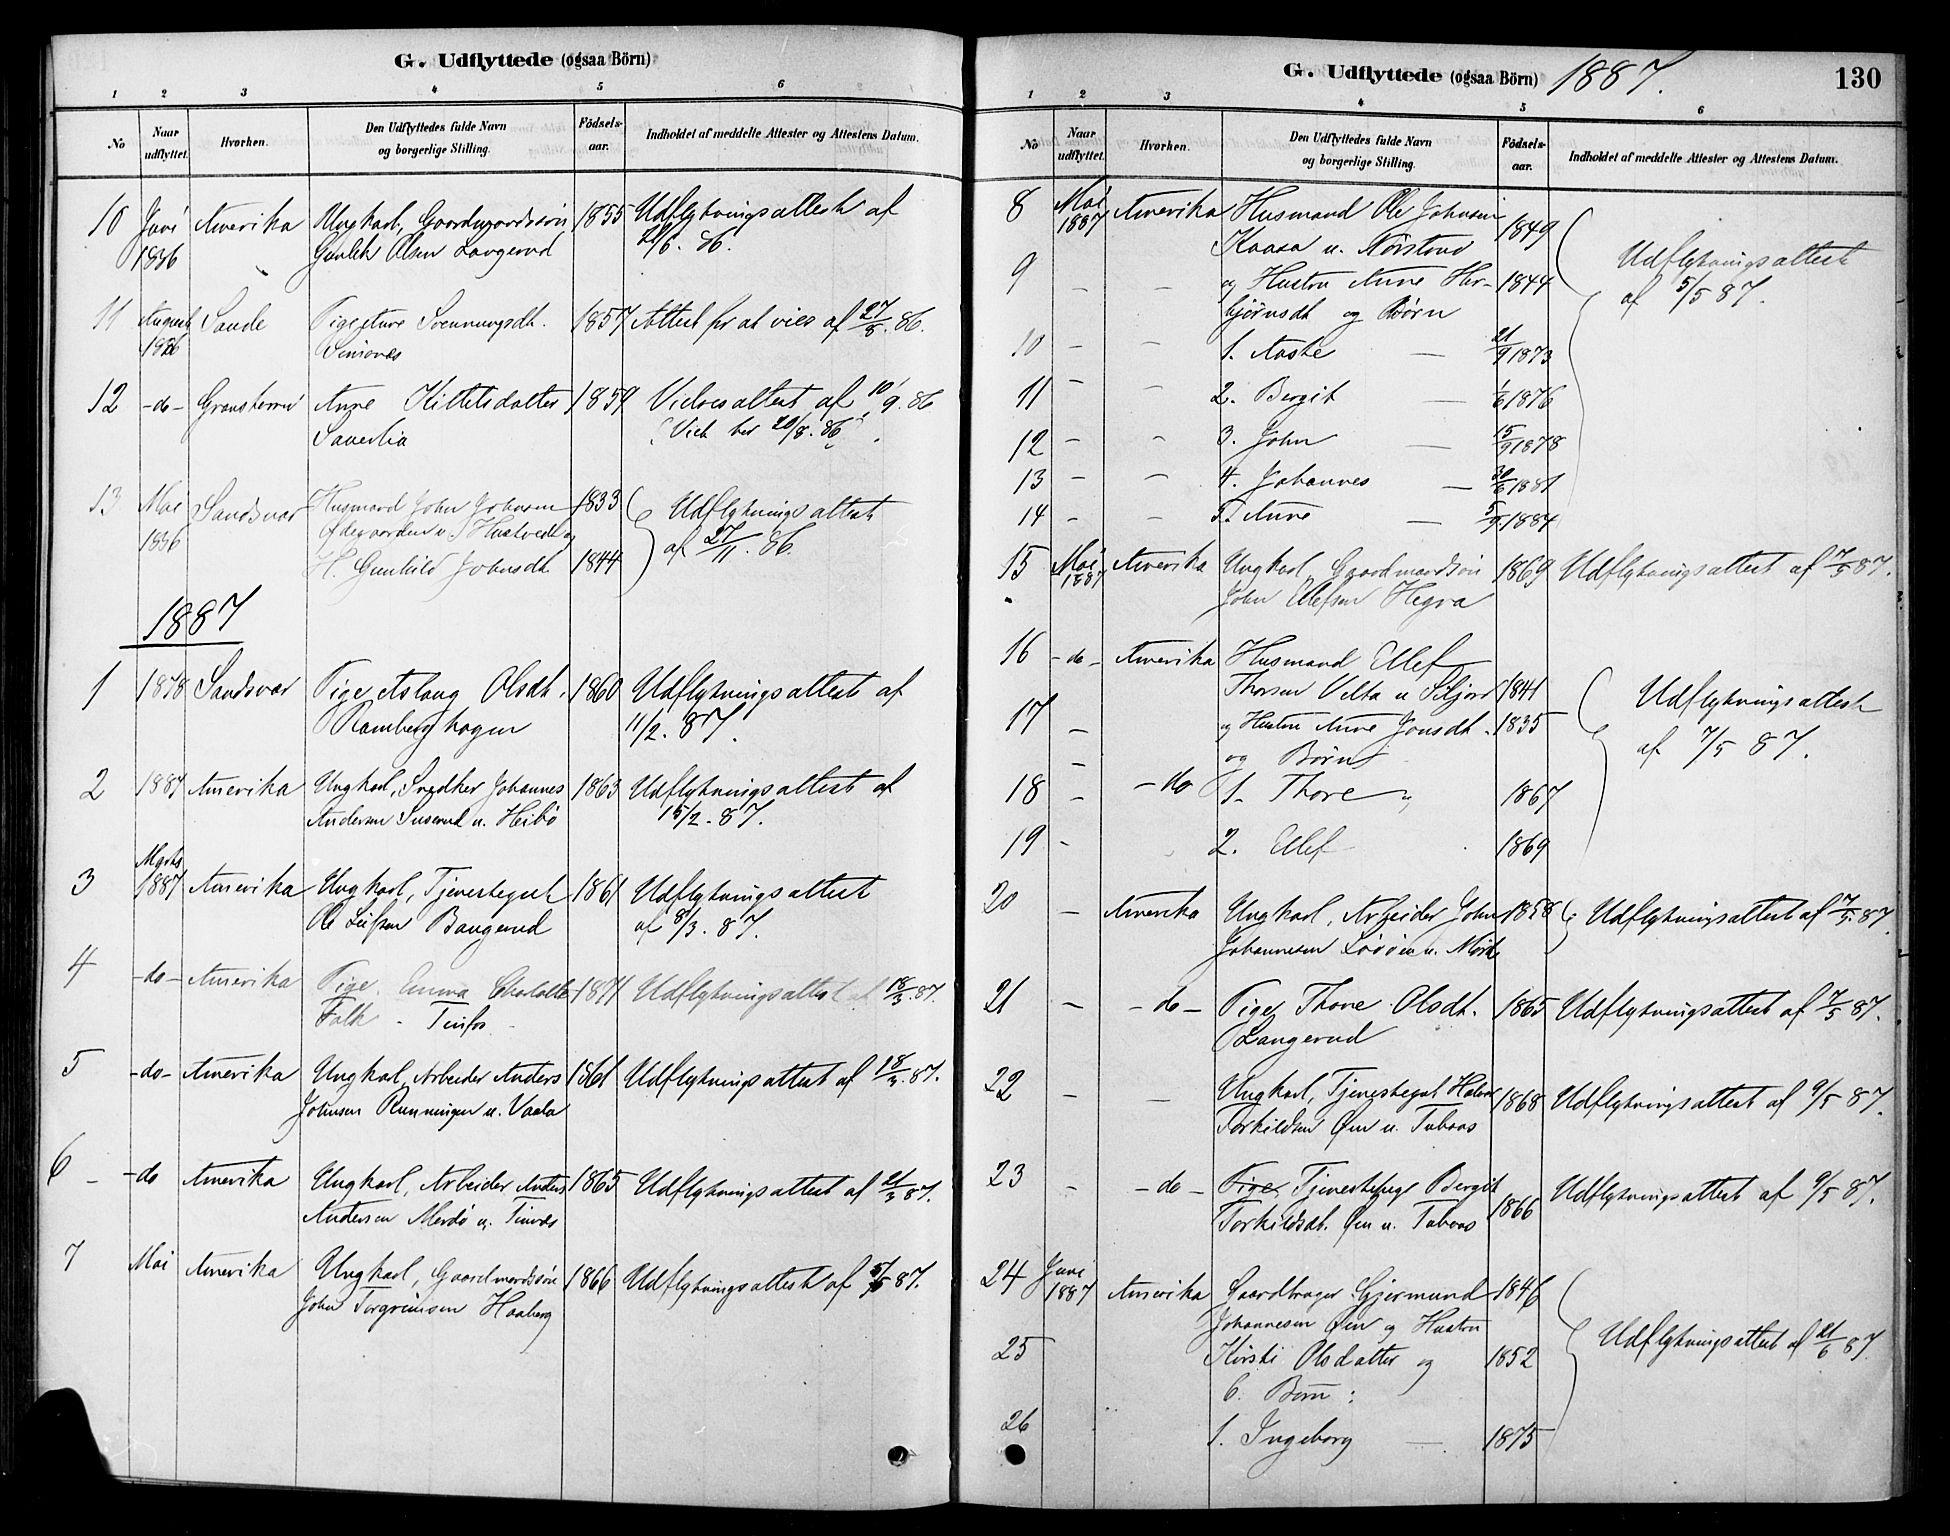 SAKO, Heddal kirkebøker, F/Fa/L0009: Ministerialbok nr. I 9, 1878-1903, s. 130